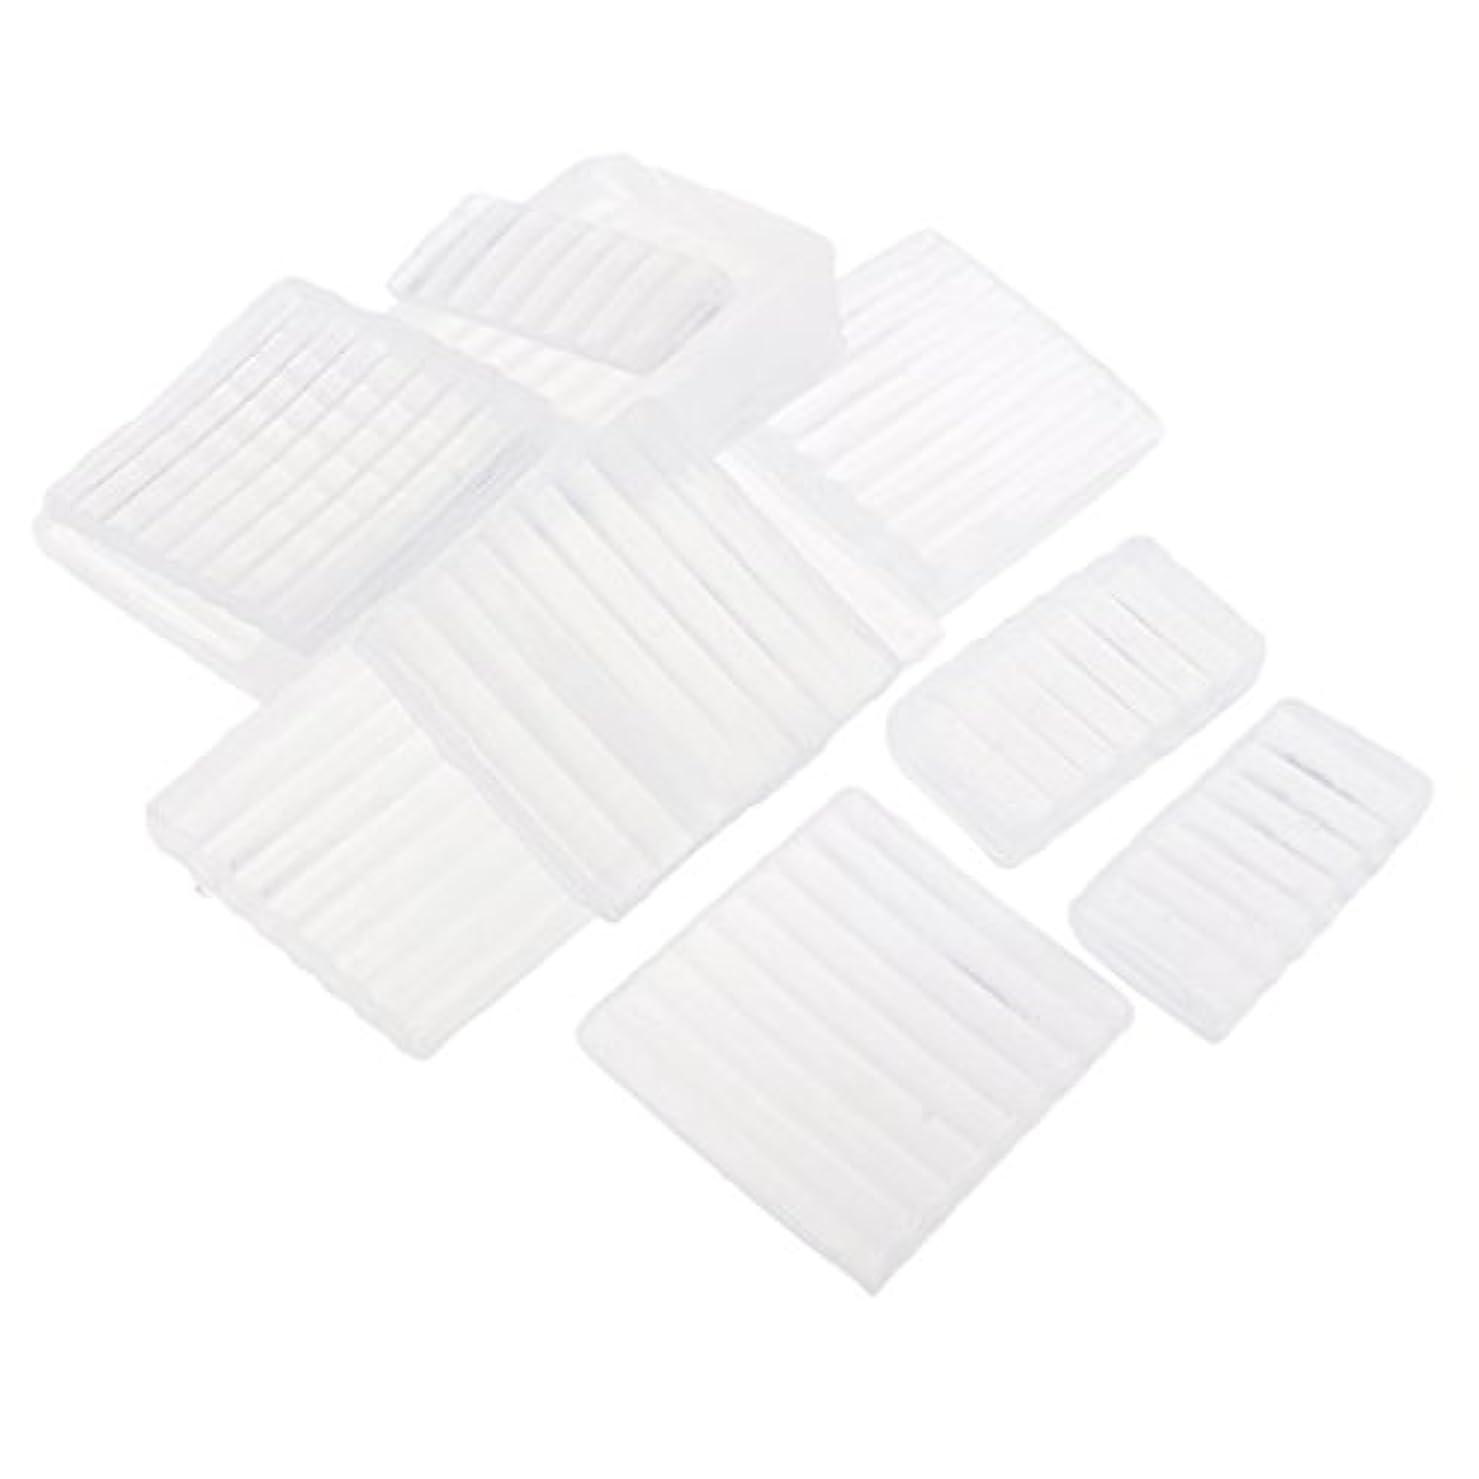 コミットメントアカデミー繁殖Sharplace 透明 石鹸ベース せっけん DIY 手作り 石鹸作り 材料 白い石鹸ベース